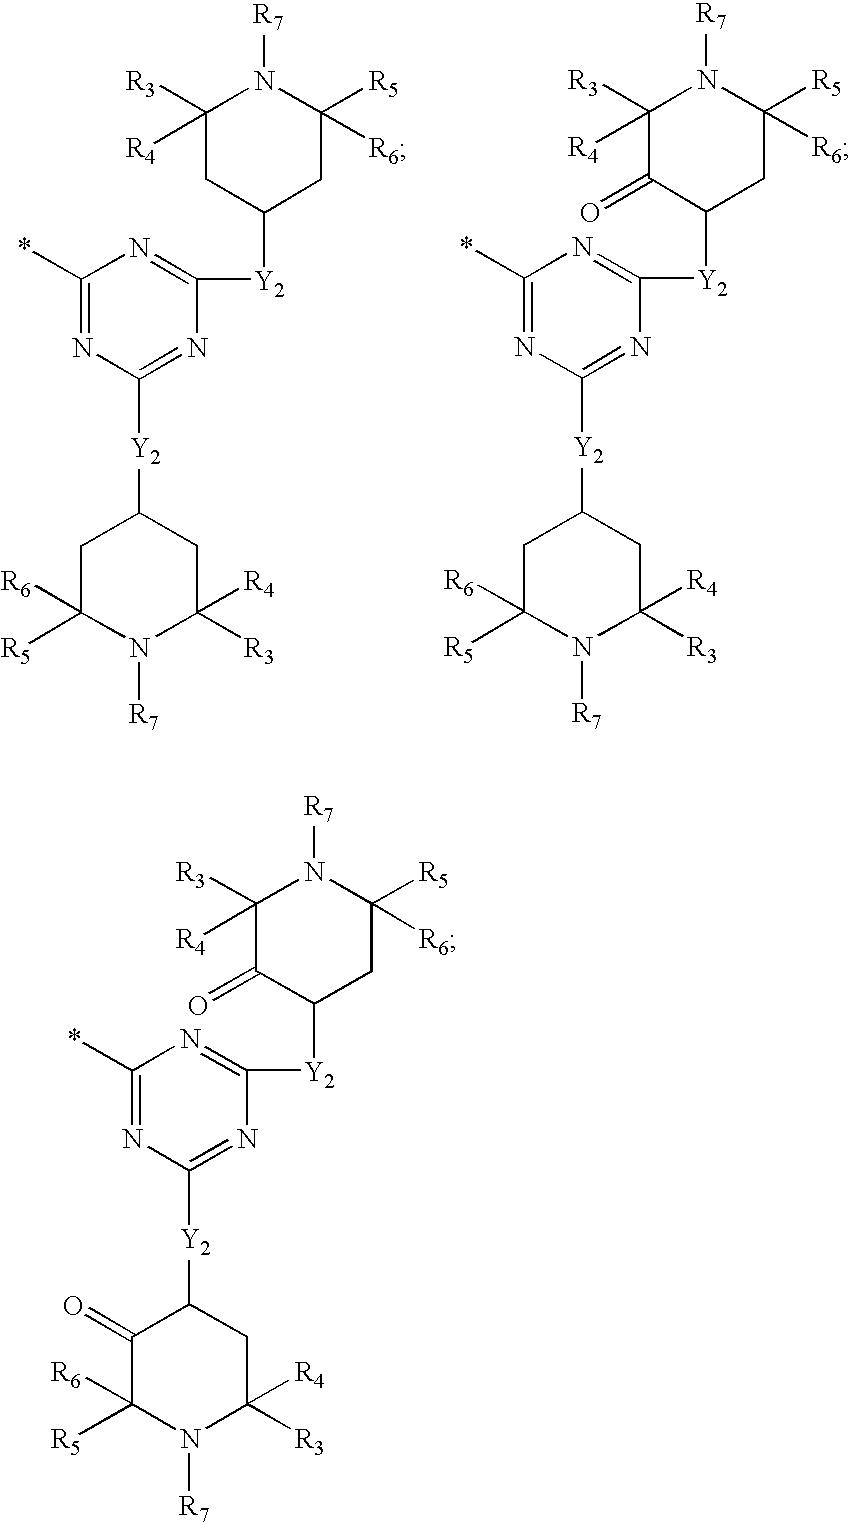 Figure US07297735-20071120-C00017